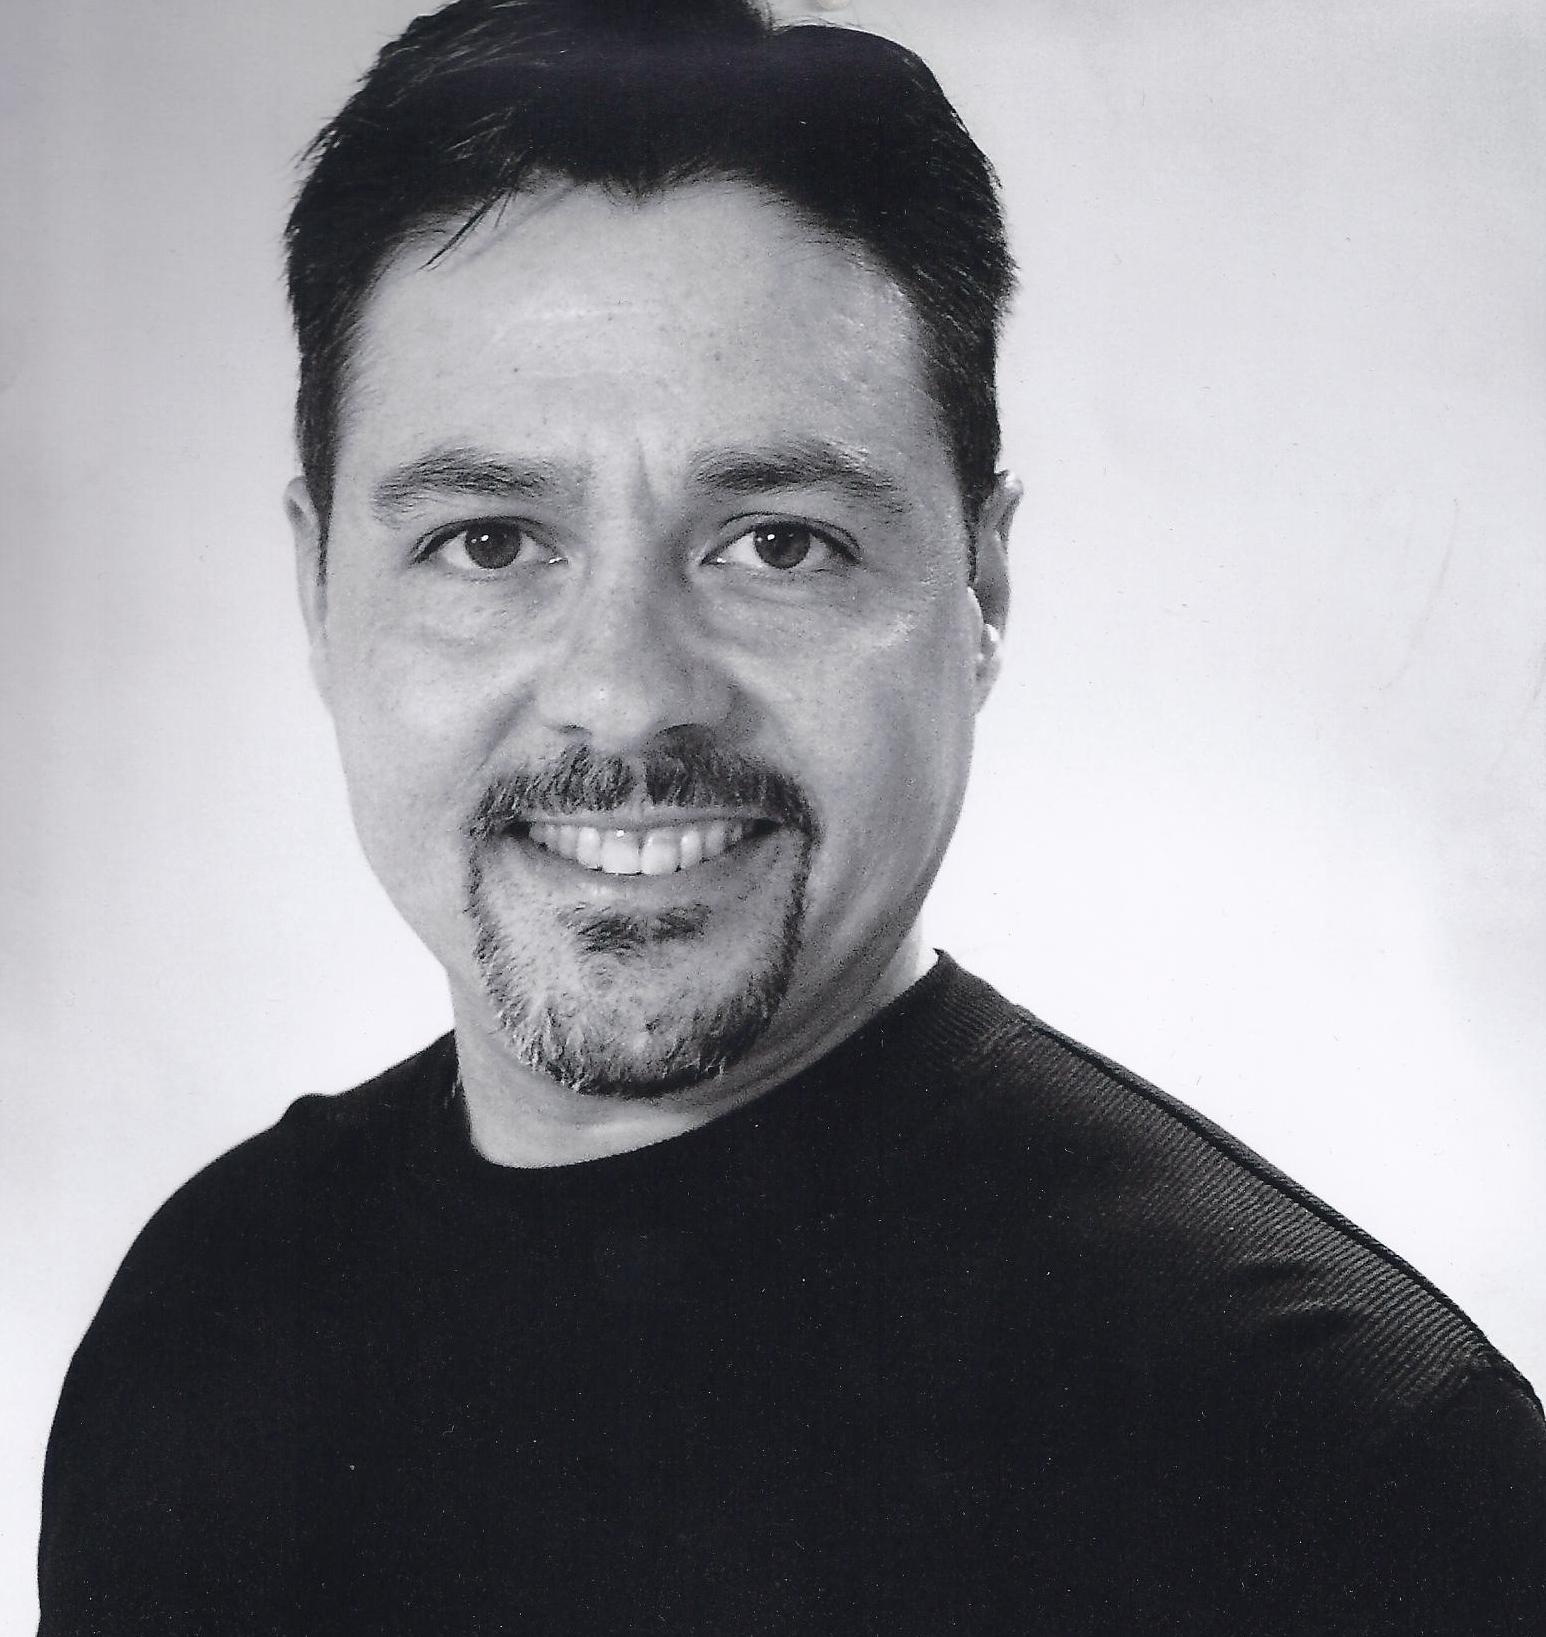 Kevin Sepaul